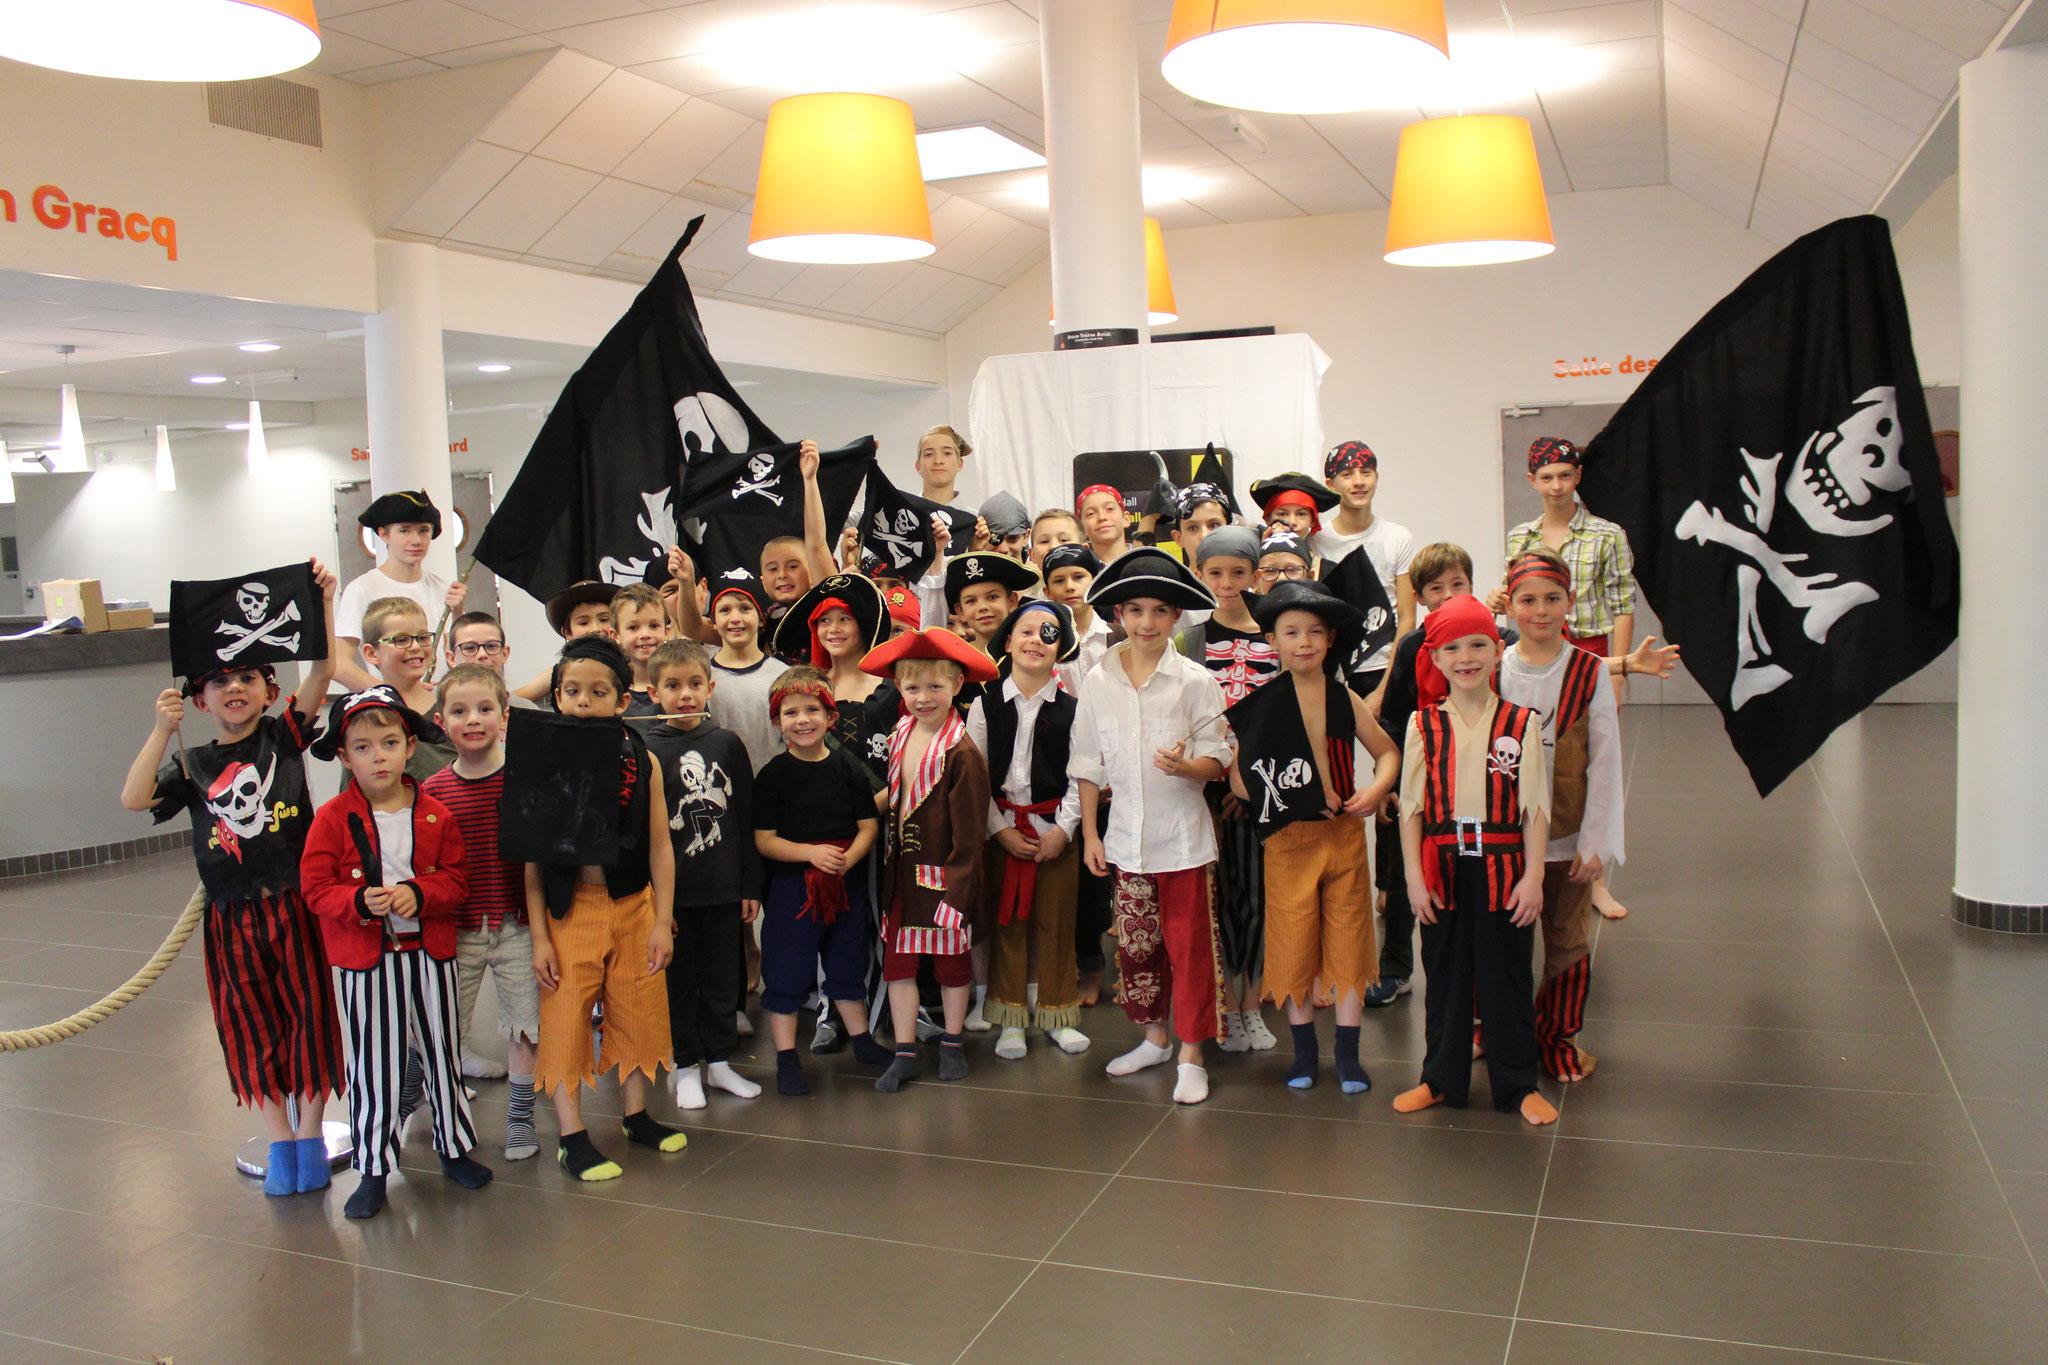 Les poussins et pupilles en pirates